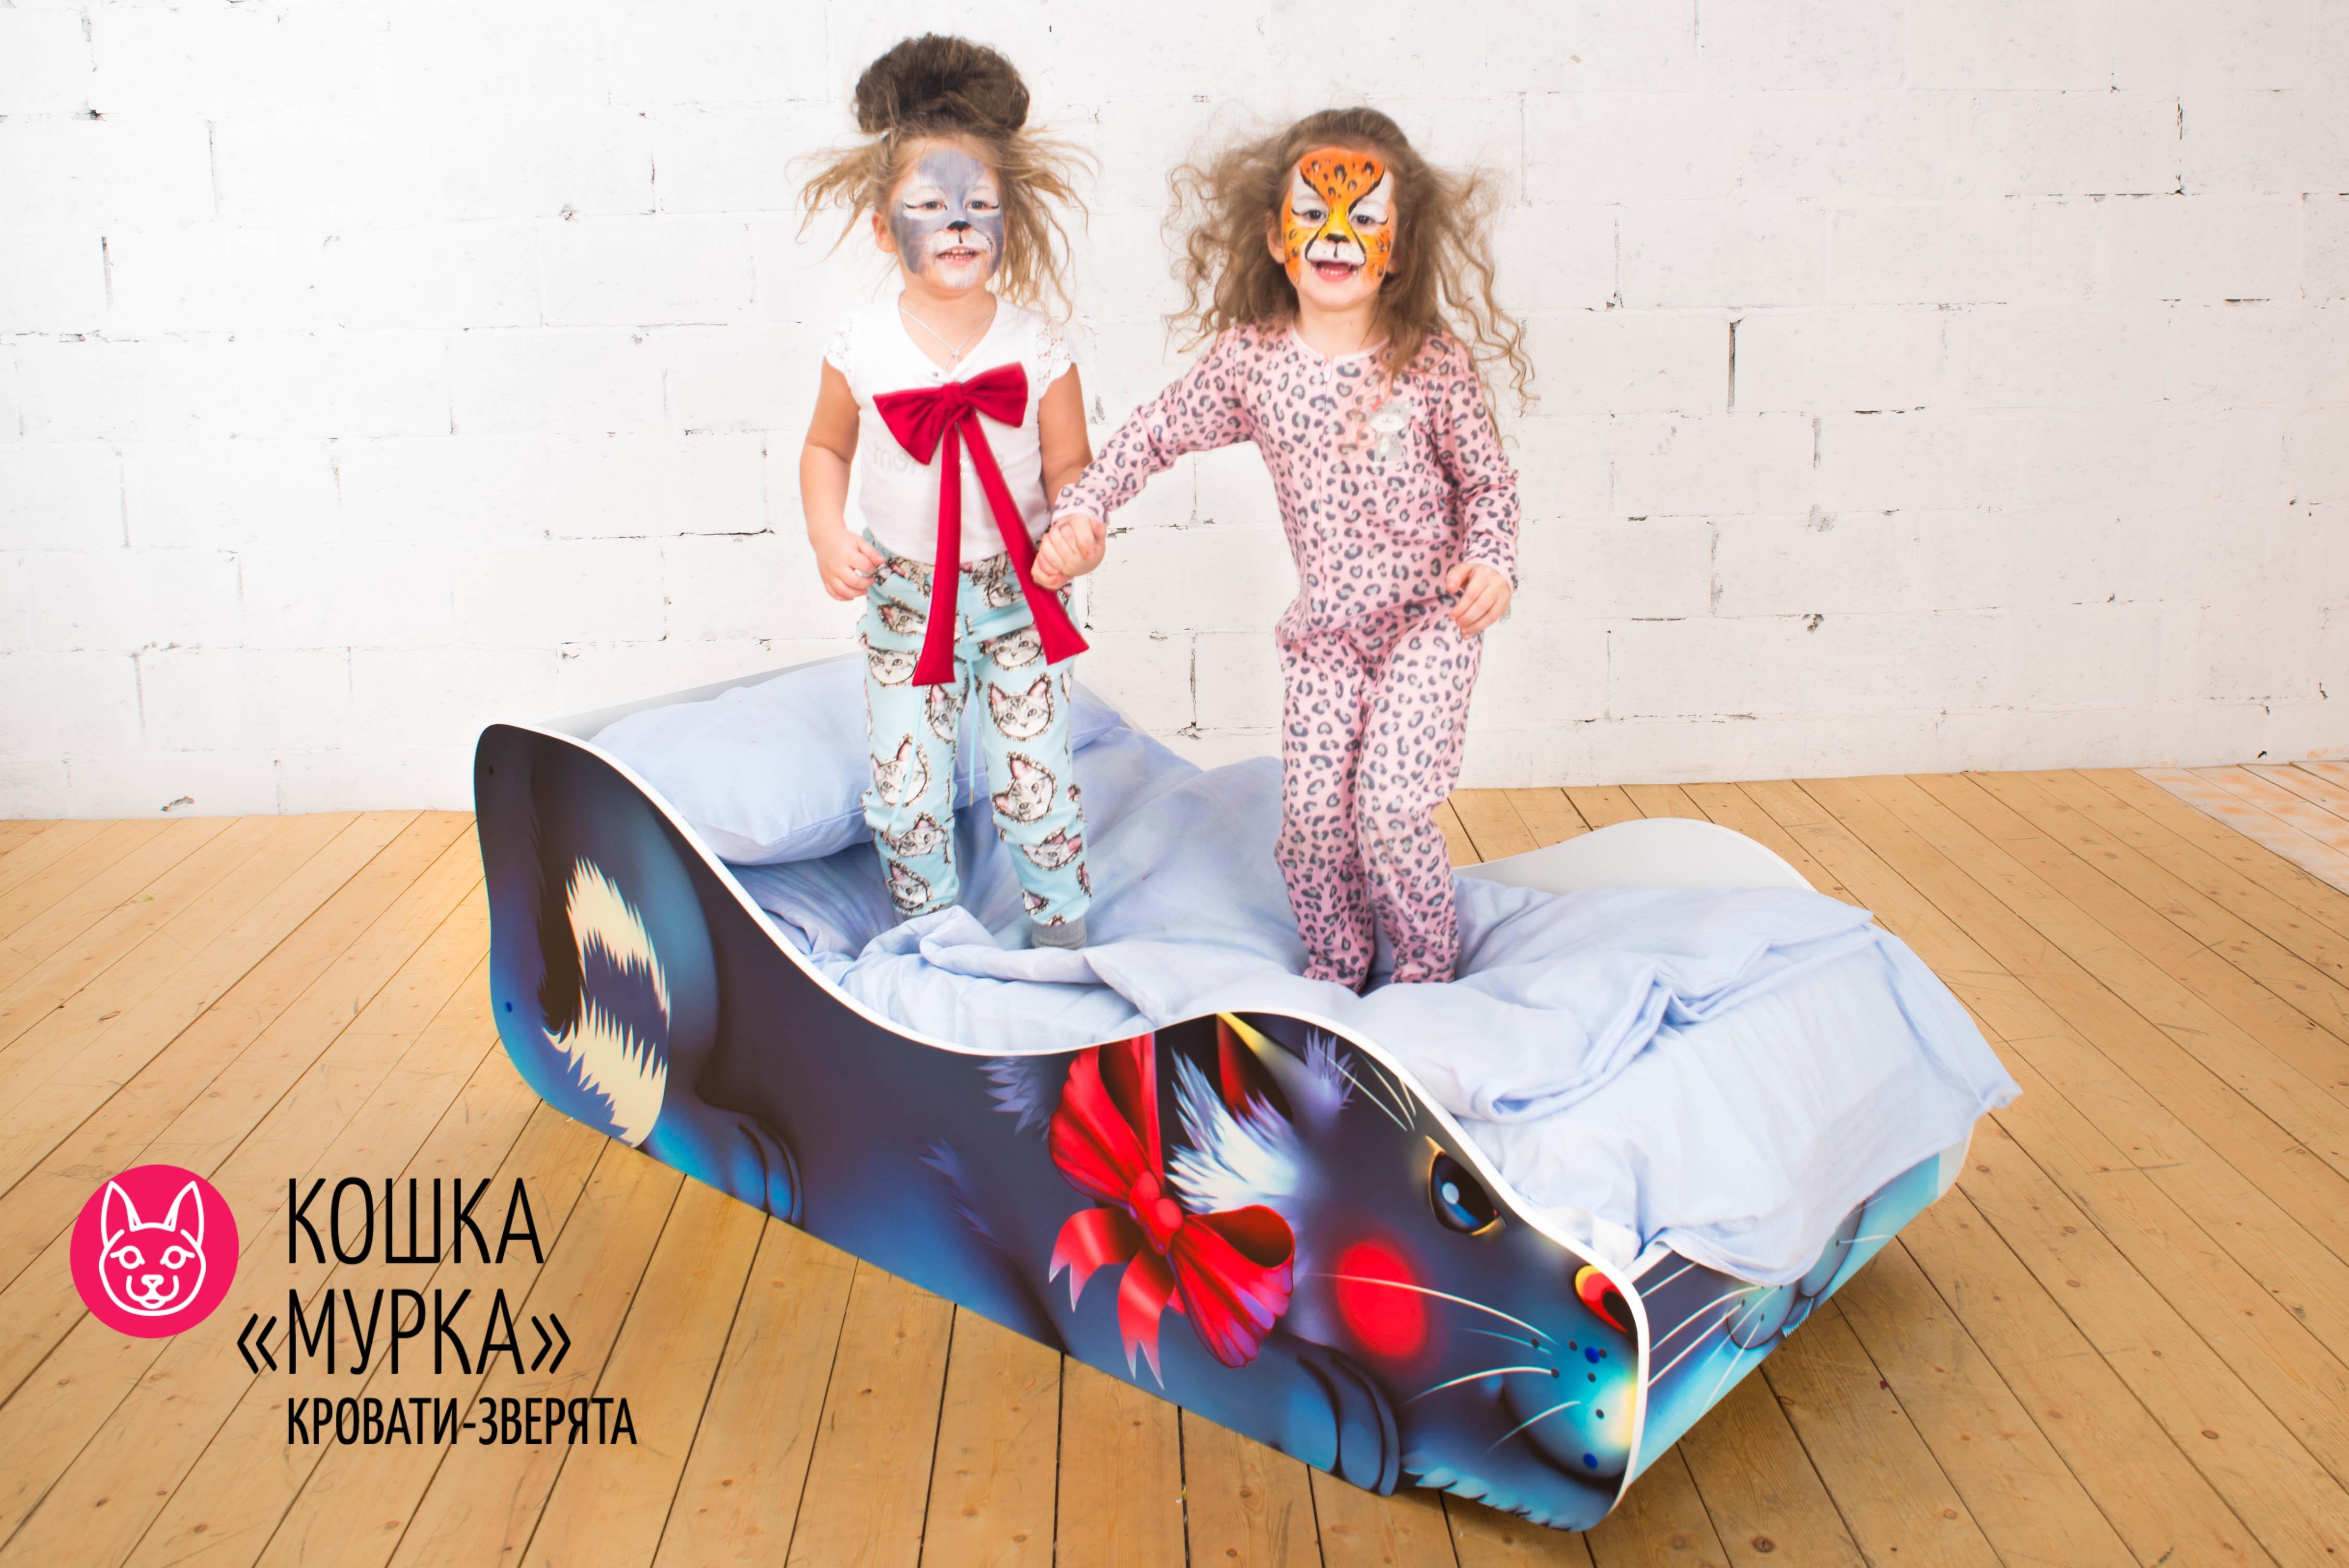 Детская кровать-зверенок -Кошка-Мурка-8